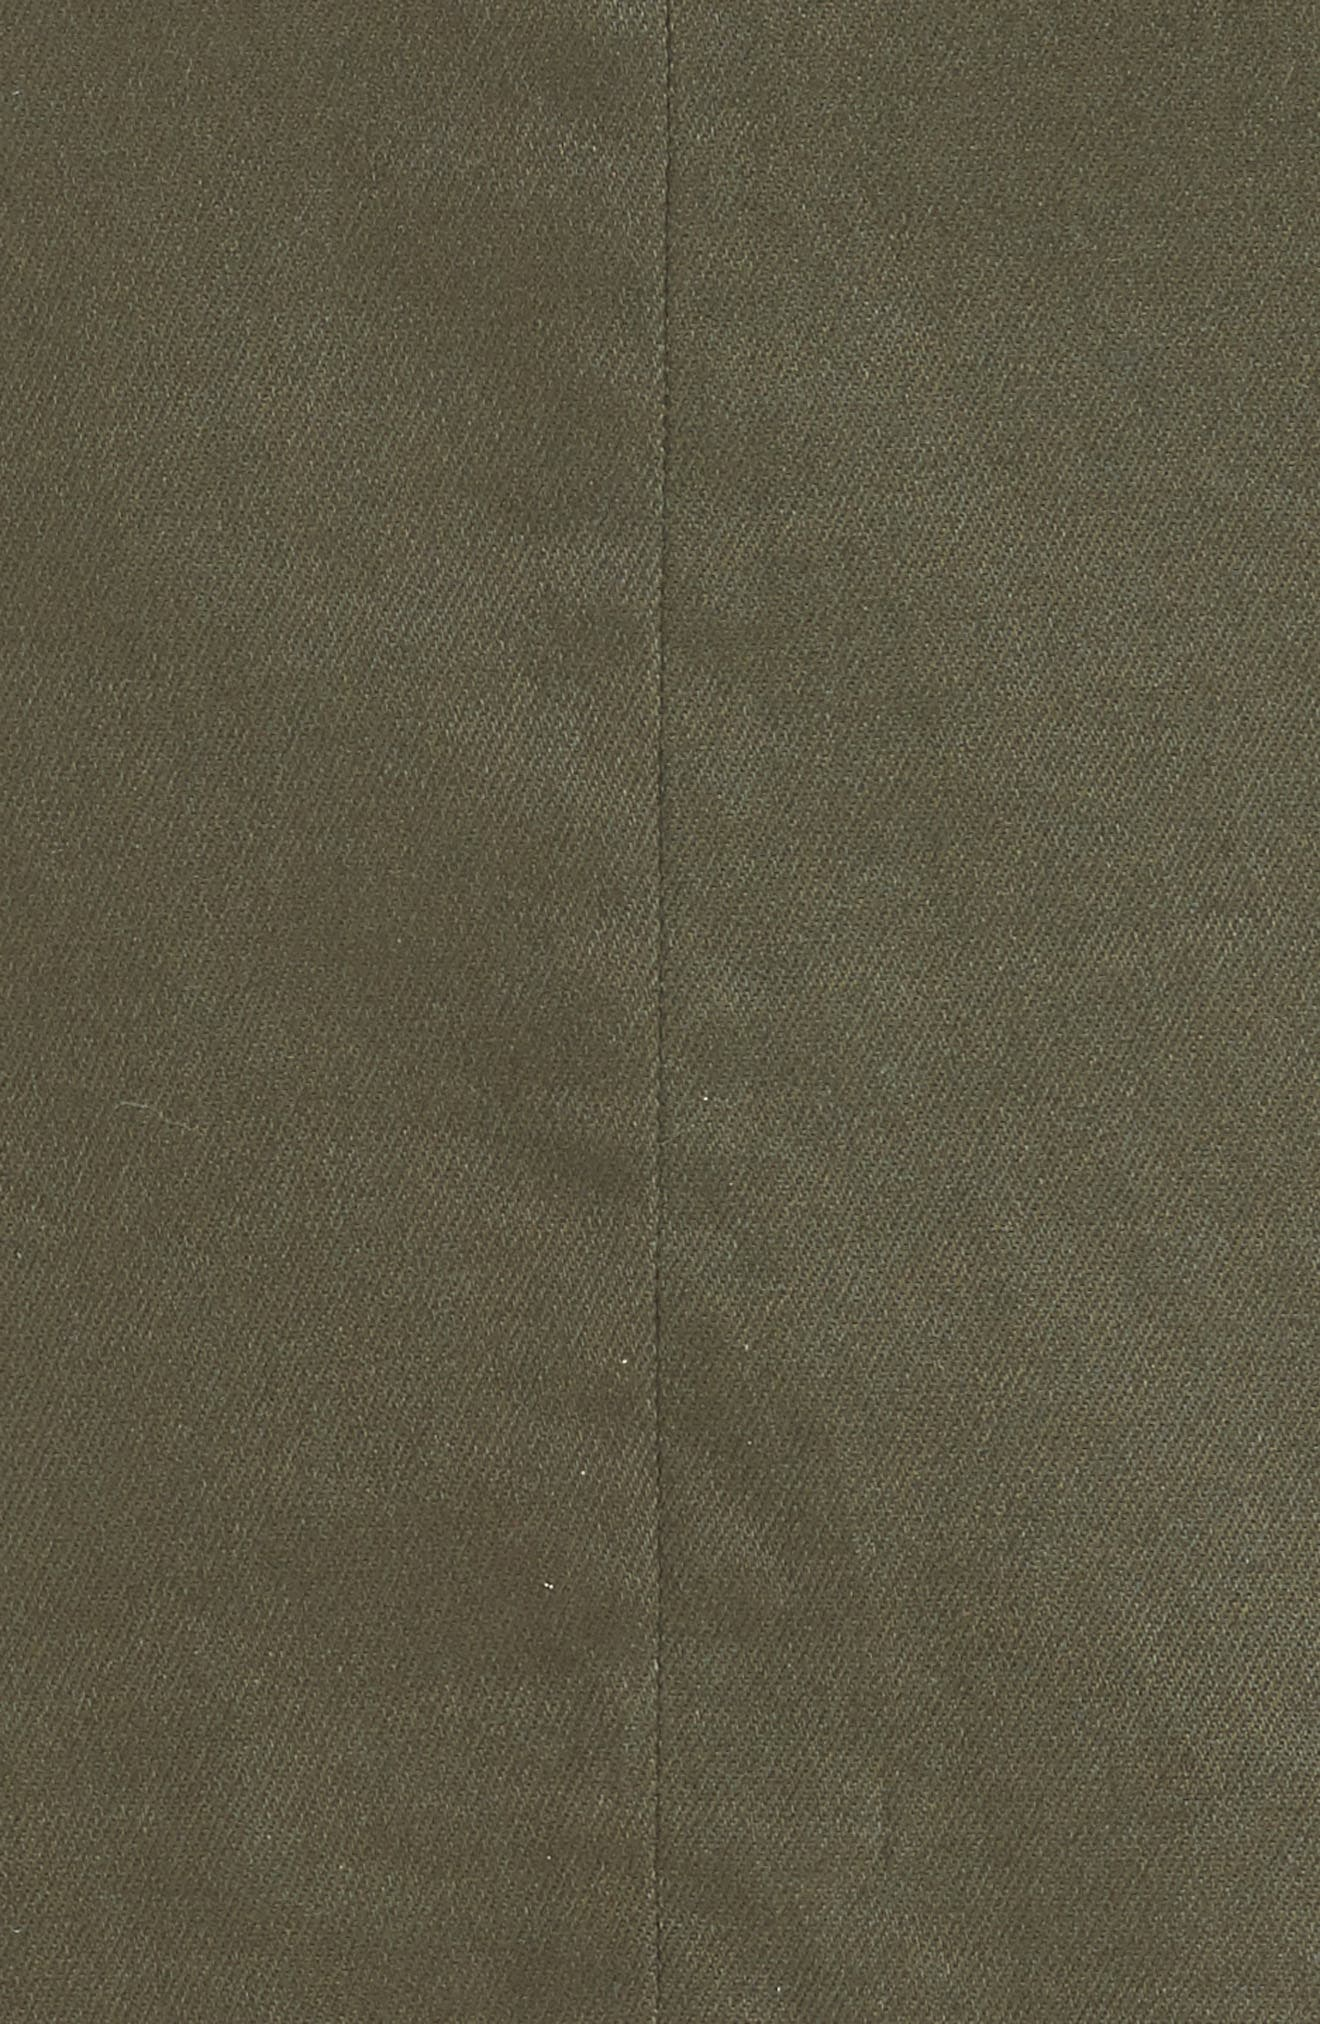 Utility Miniskirt,                             Alternate thumbnail 5, color,                             300